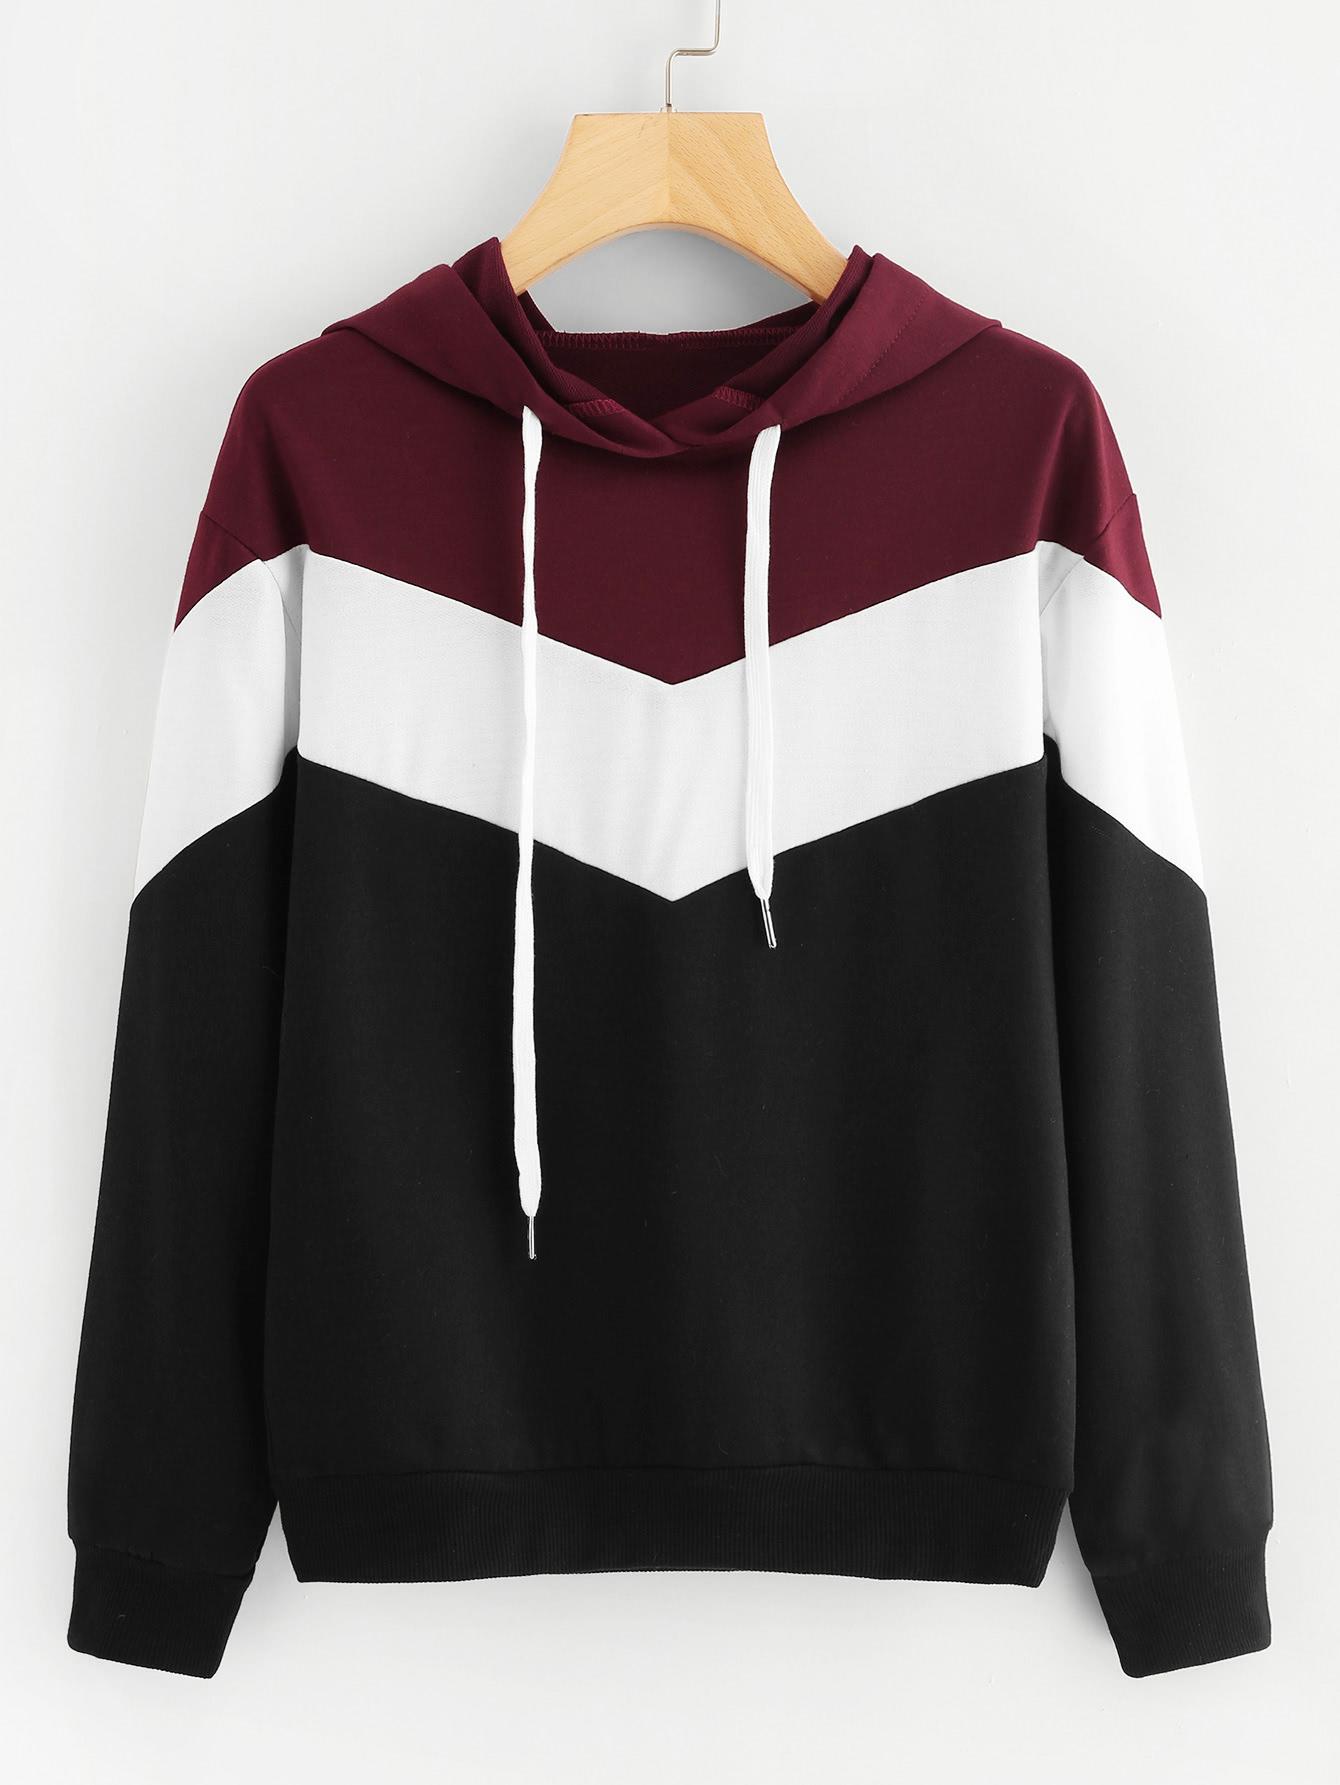 Купить Повседневный Контрастный цвет Пуловеры Многоцветный Свитшоты, null, SheIn